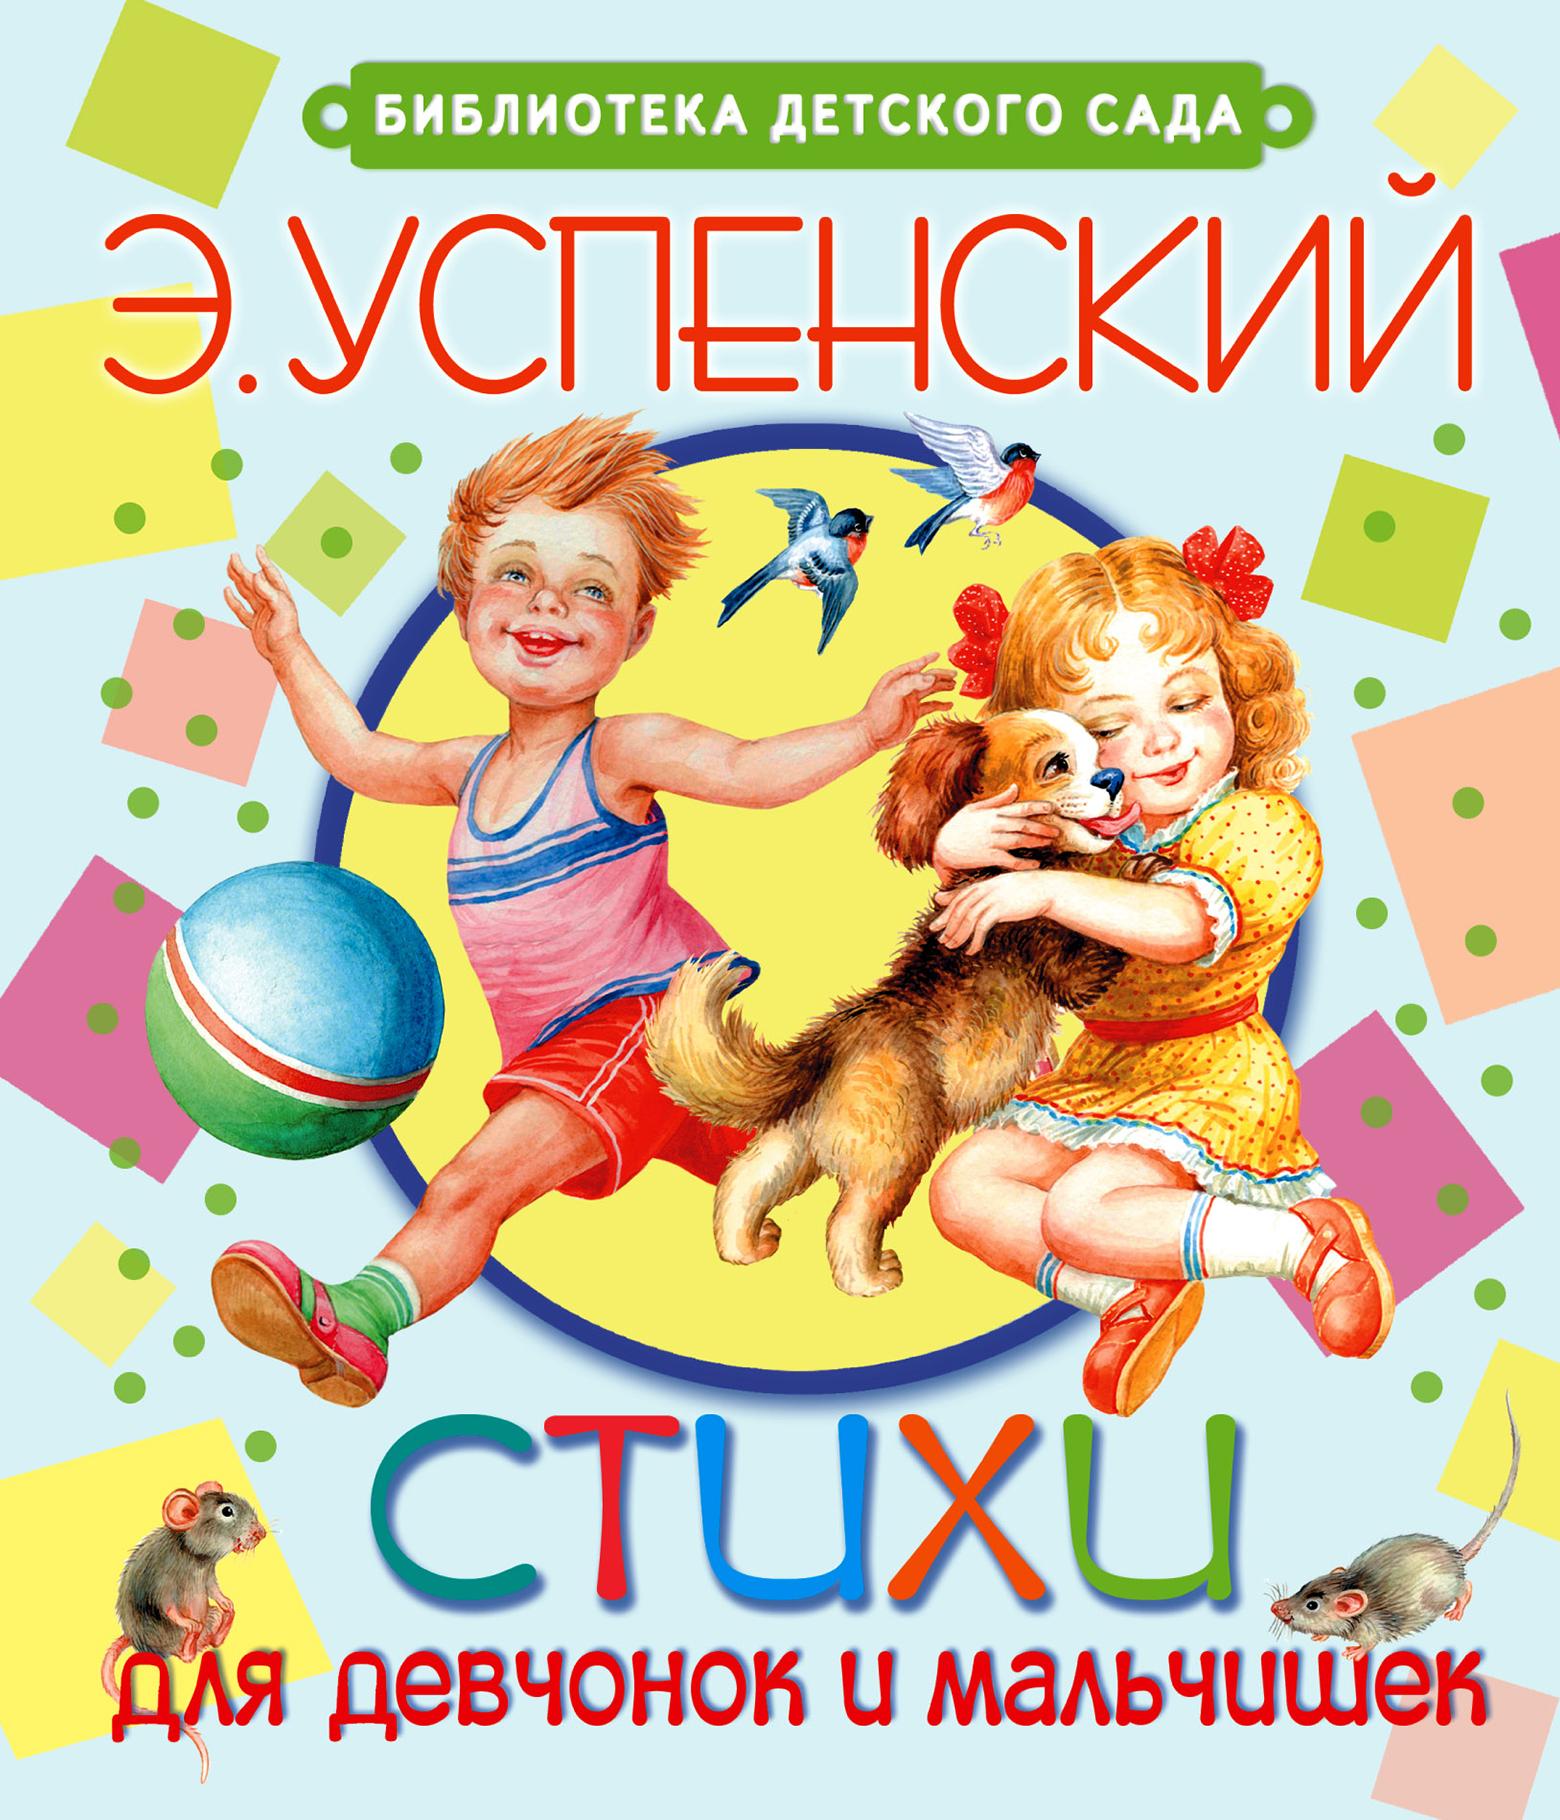 Эдуард Успенский Стихи для девчонок и мальчишек росмэн новогодние стихи для детского сада